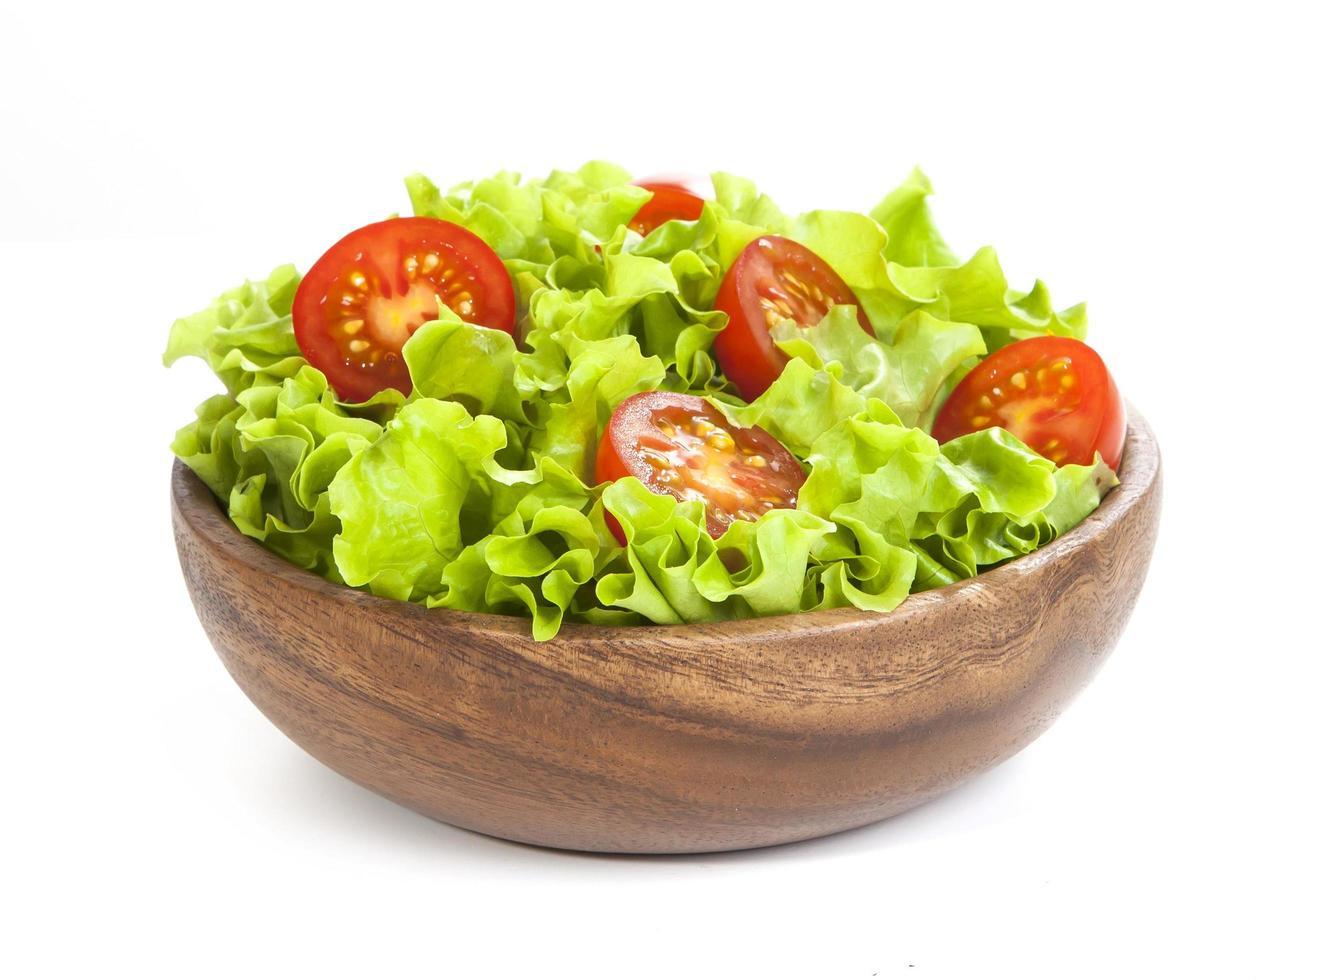 tomate e alface, isolado no fundo branco foto